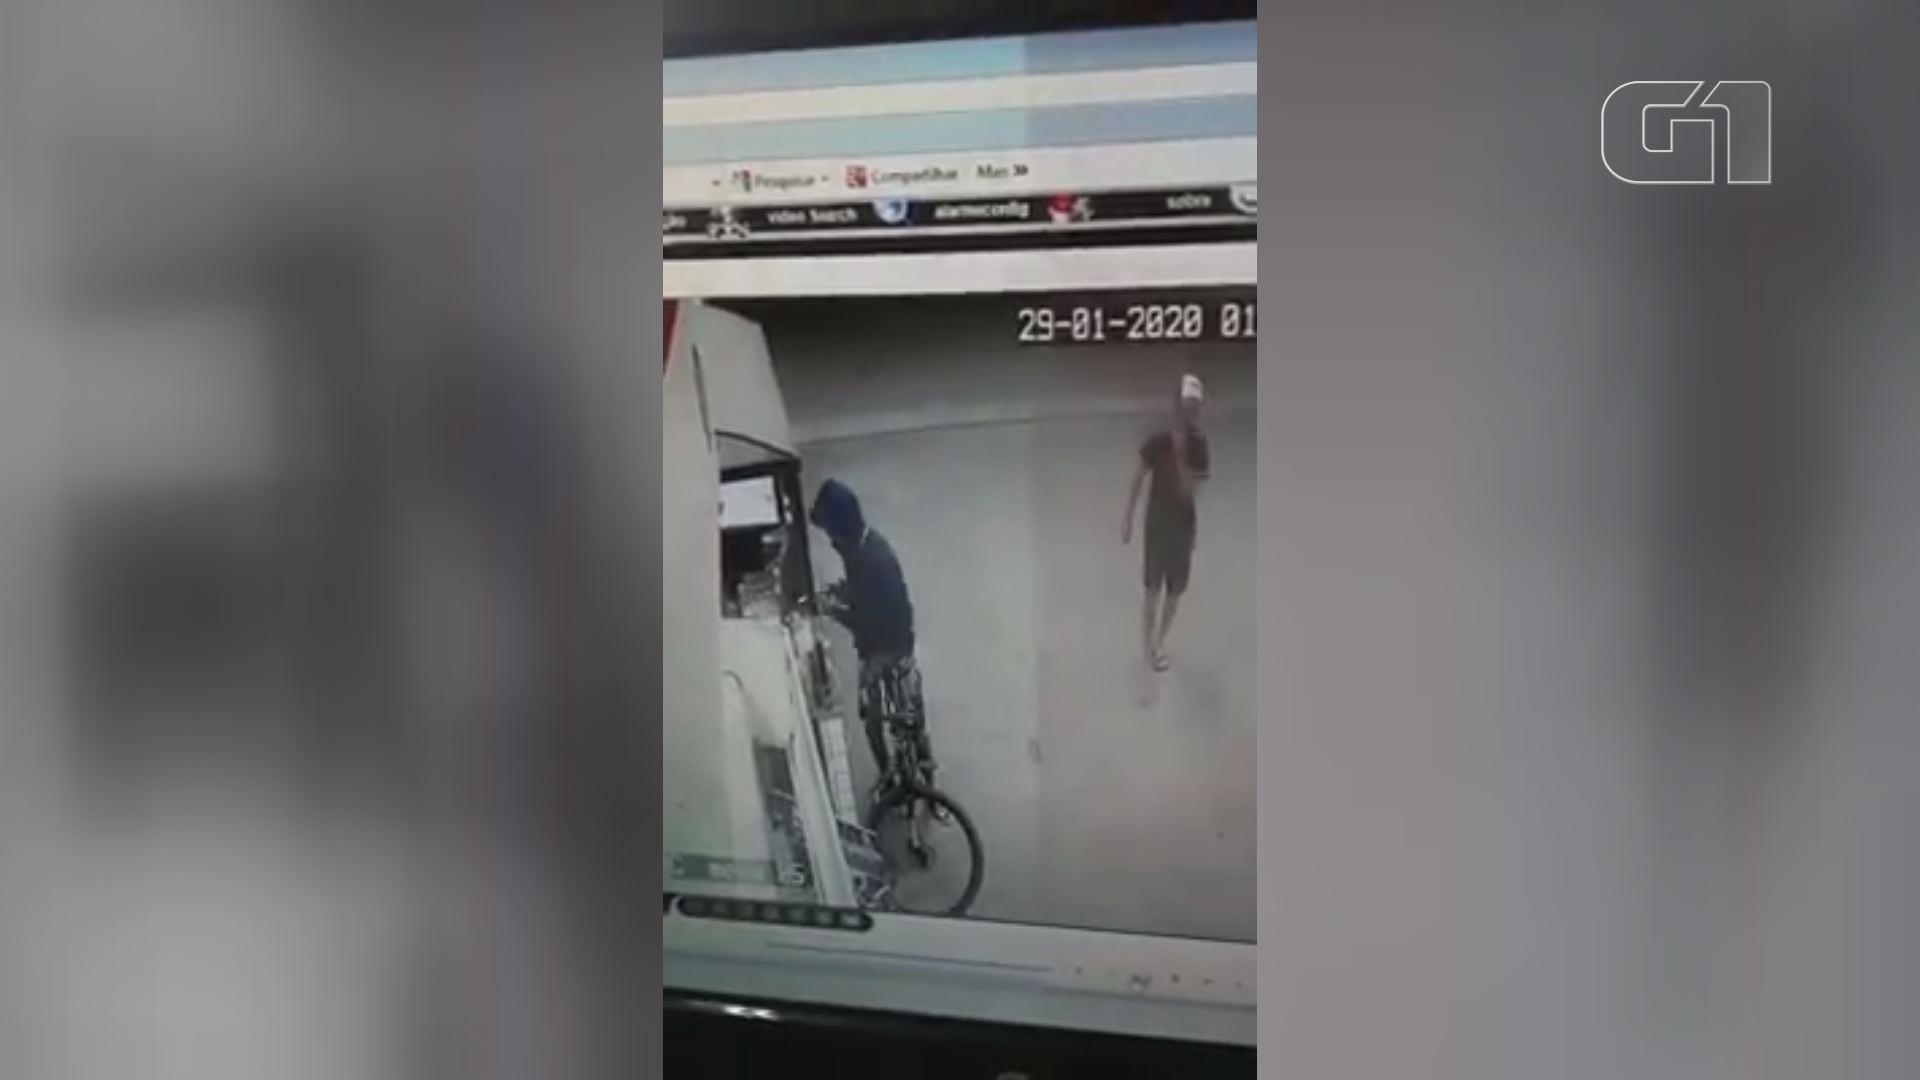 Jovens assaltam posto em Santos e são flagrados por câmera de monitoramento